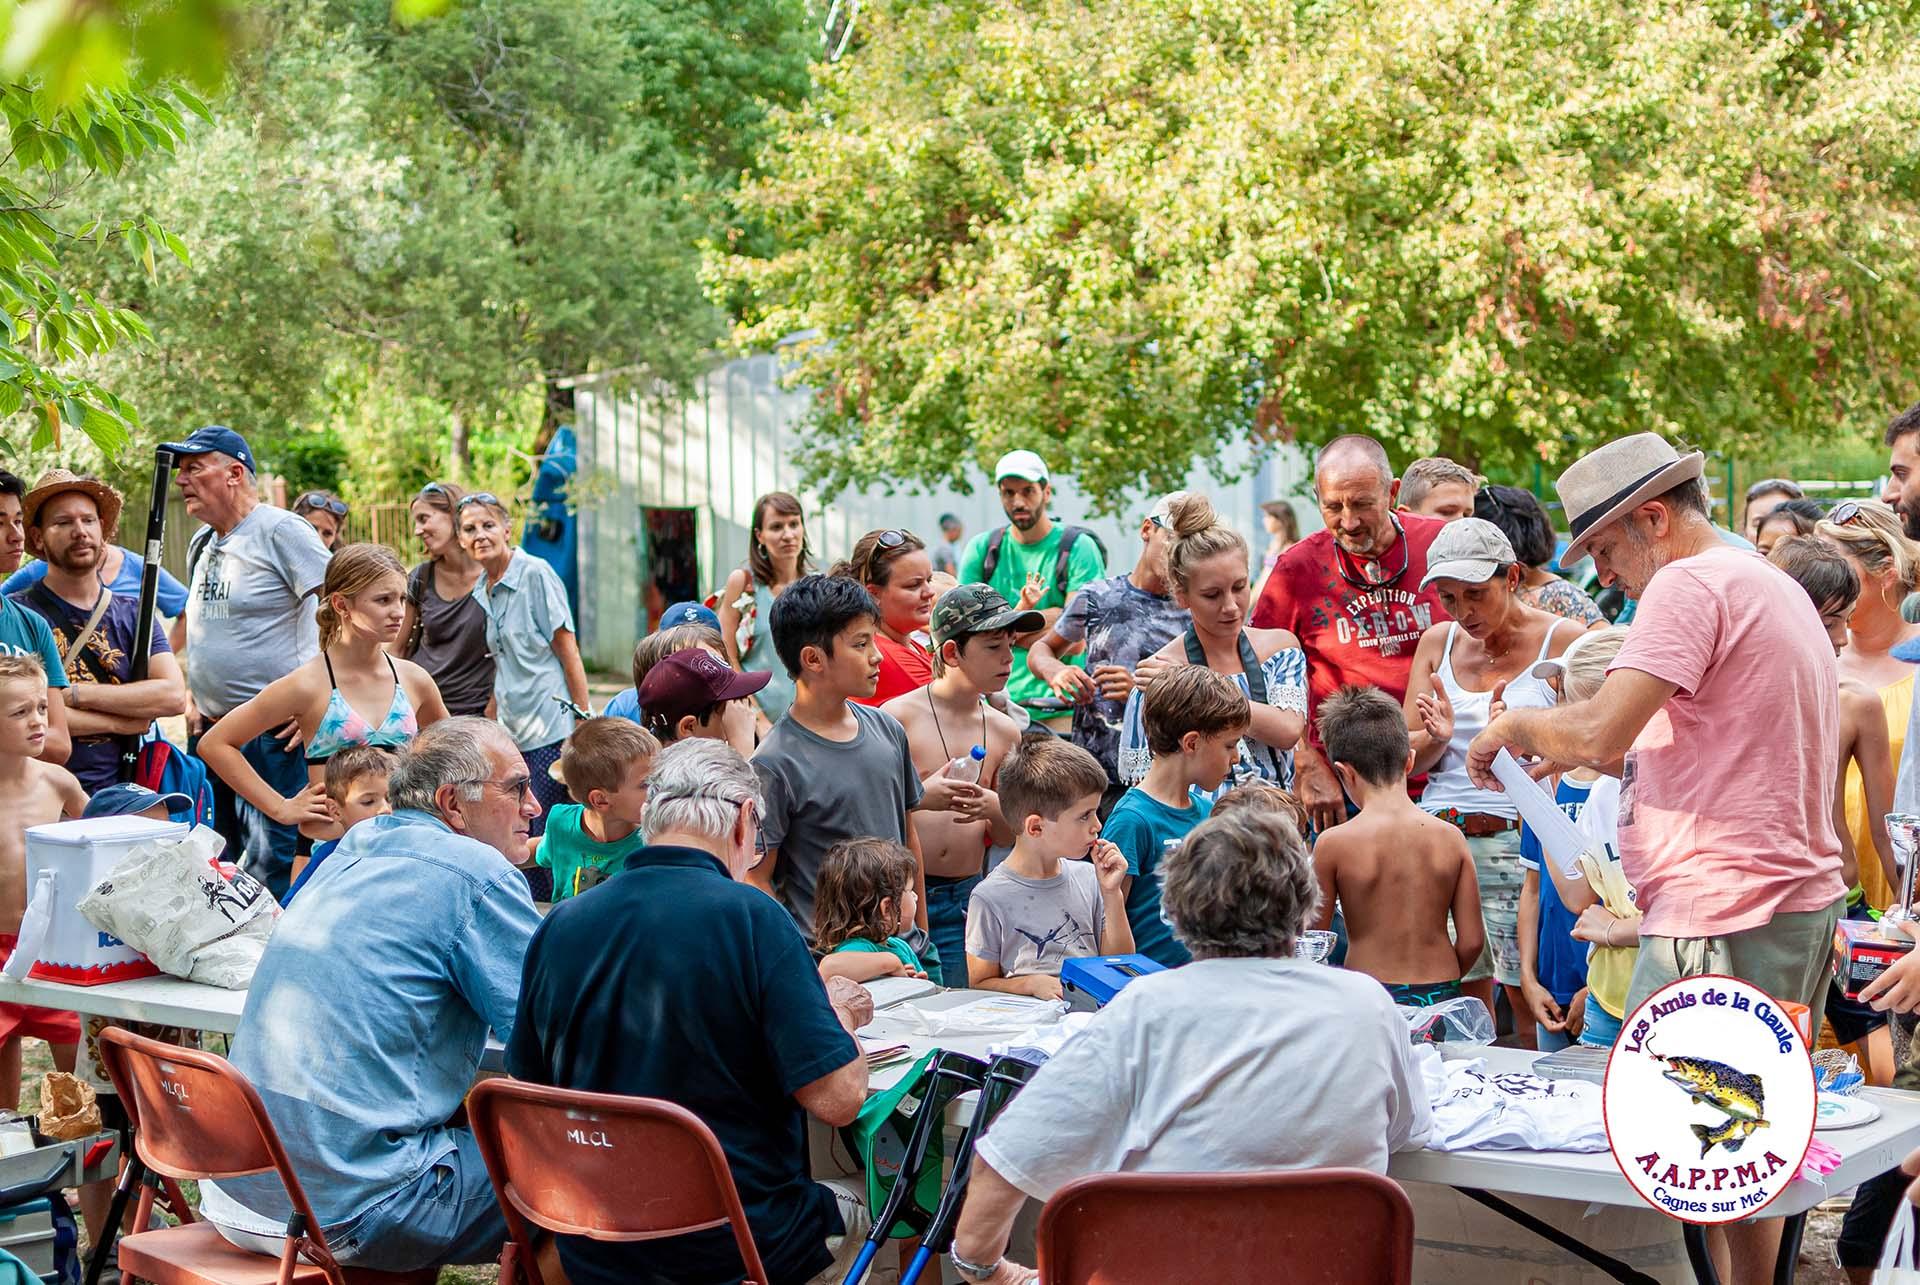 Concours pêche Colle sur loup | événement